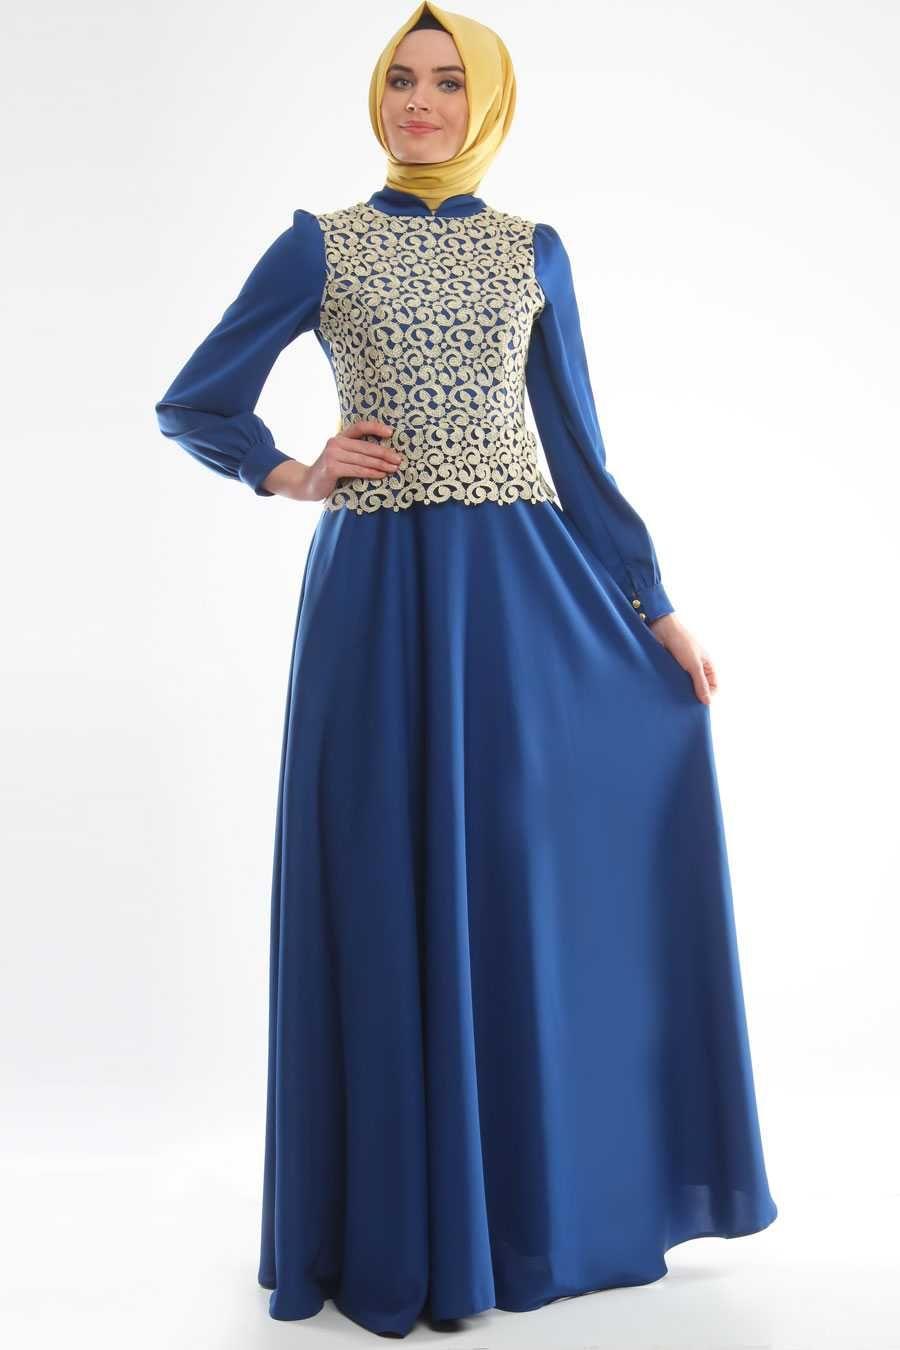 da9eaeda006e5 Tesettür Giyim Şık Abiye Elbise Modelleri Tuay Saks Mavisi Renkli Dantel  İşlemeli Uzun Abiye Elbise Modeli